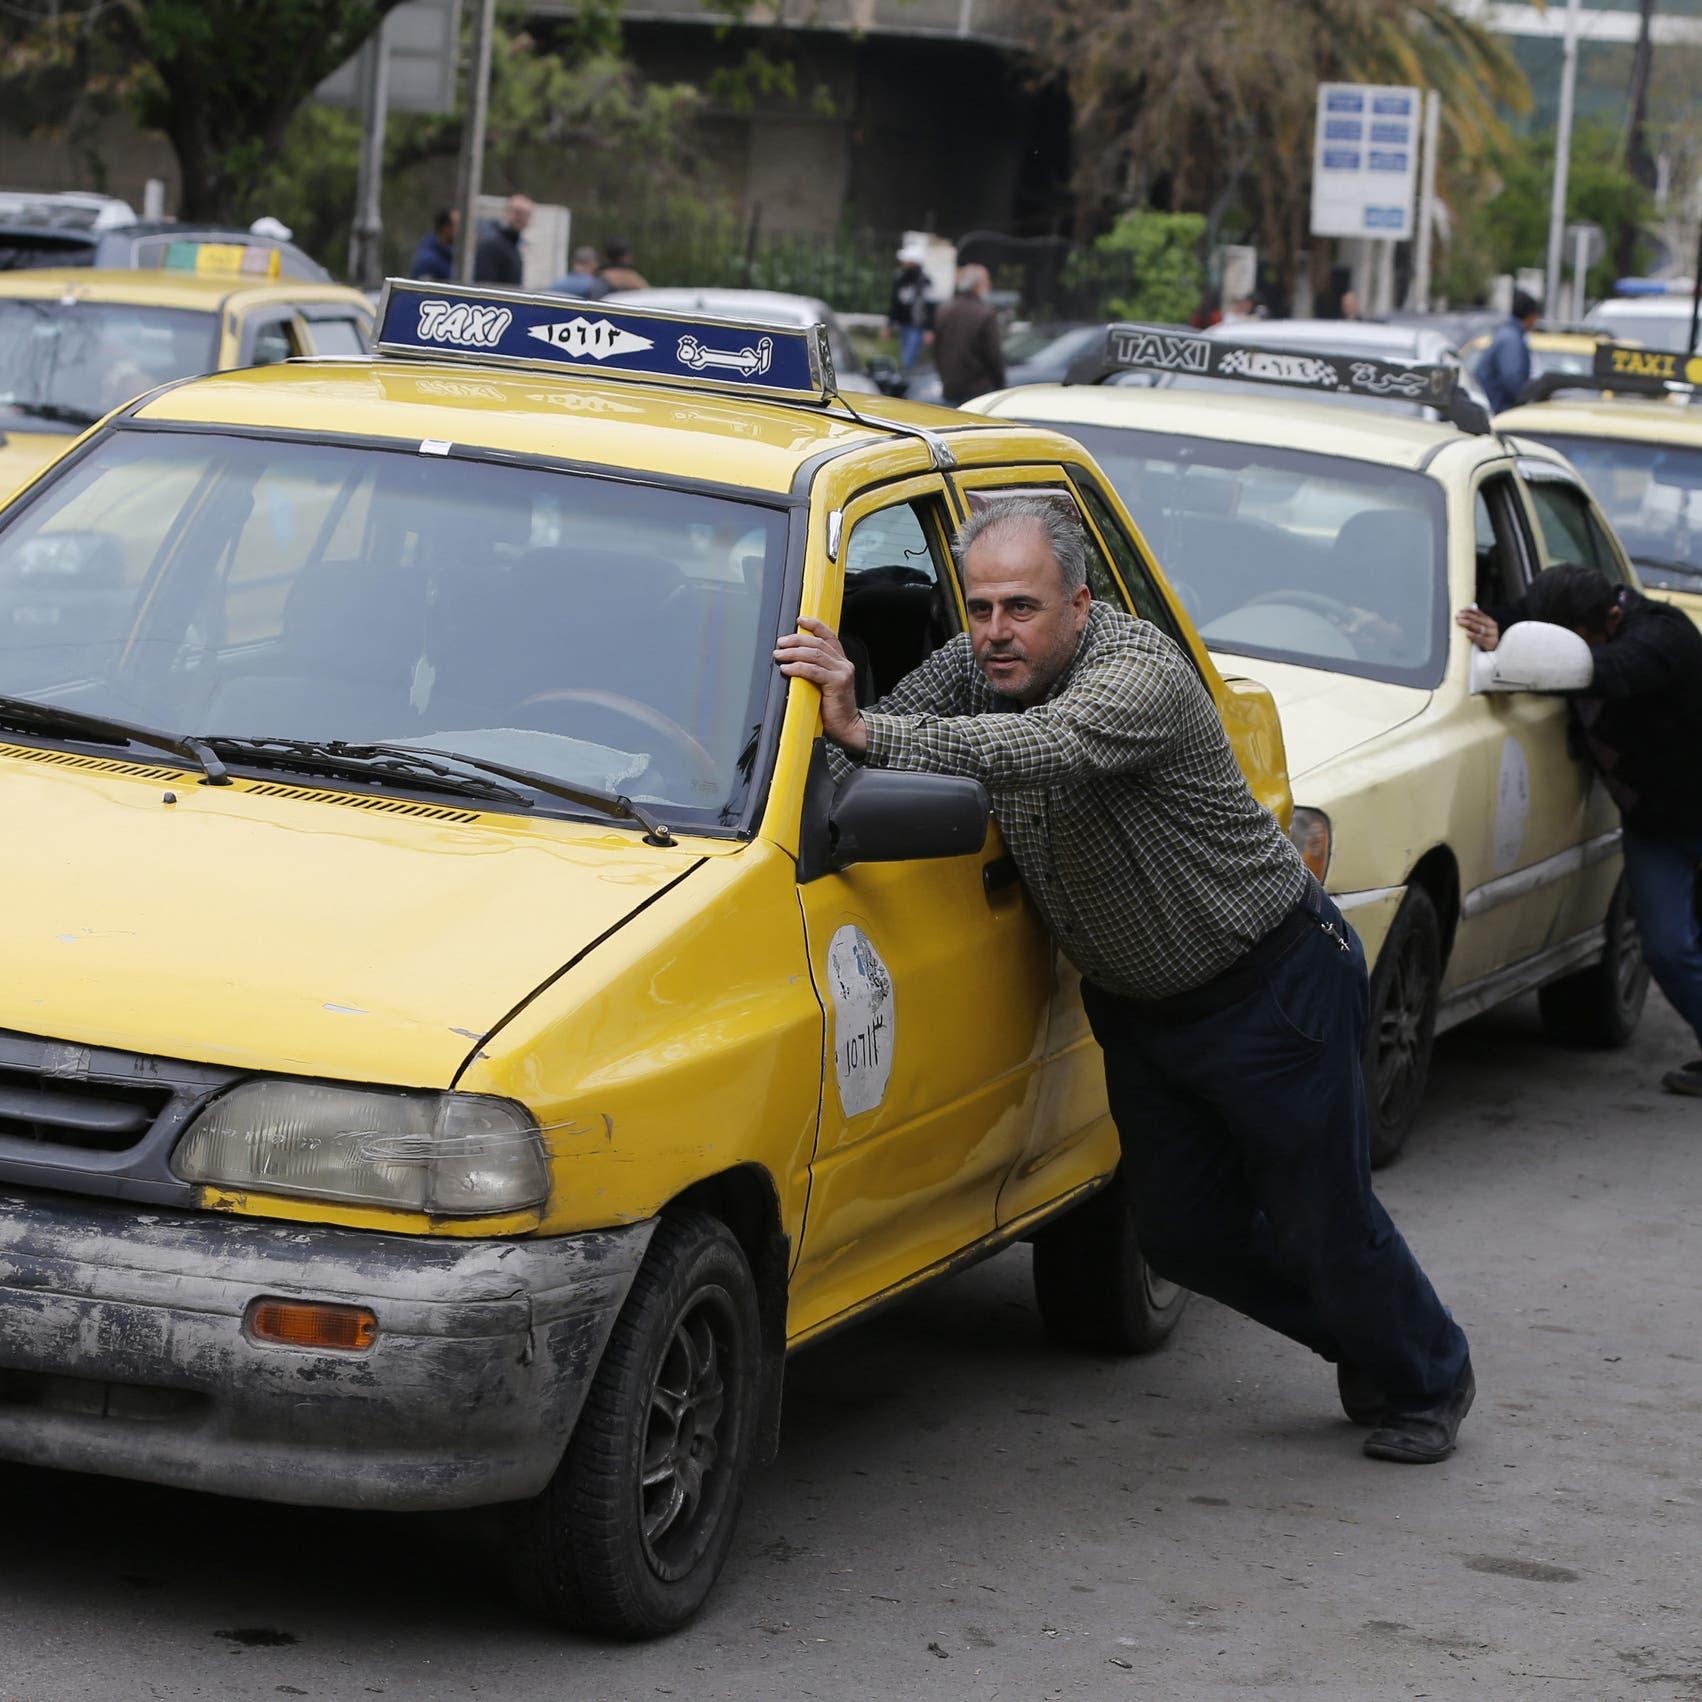 وسط عجز المواطن.. أزمة الوقود تشل الحركة في دمشق